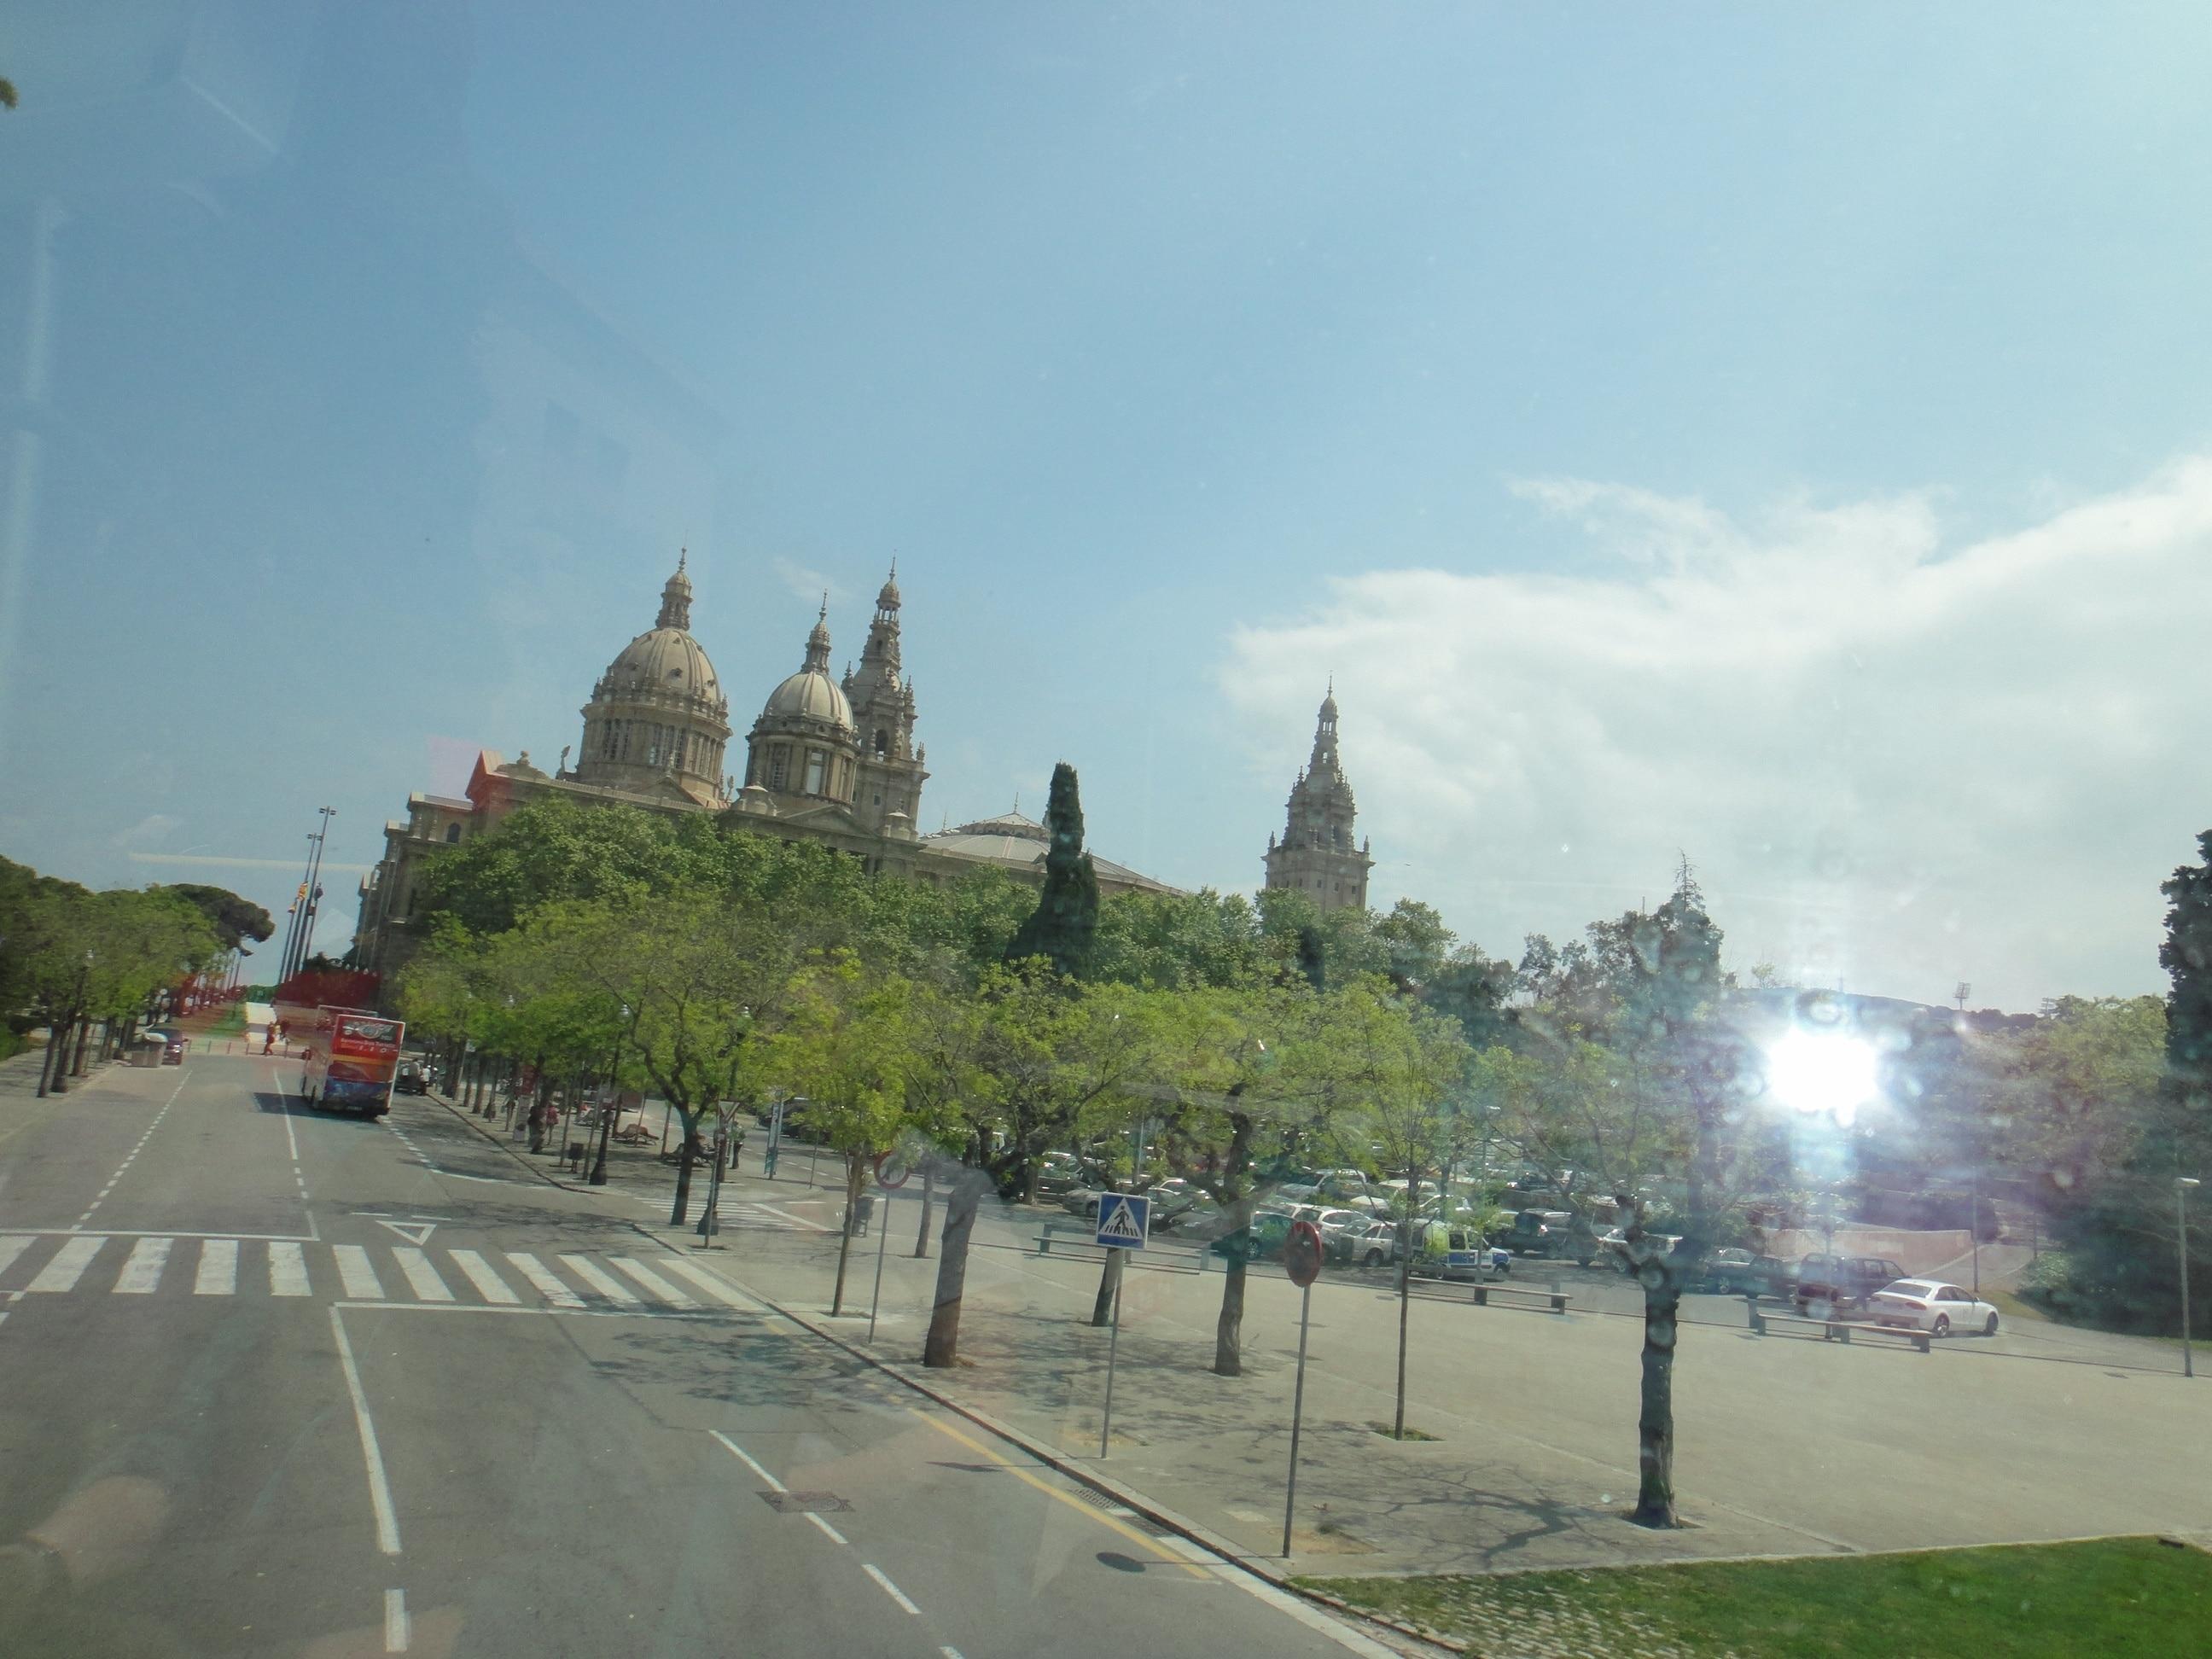 La Nova Esquerra de l'Eixample, Barcellona, Catalogna, Spagna